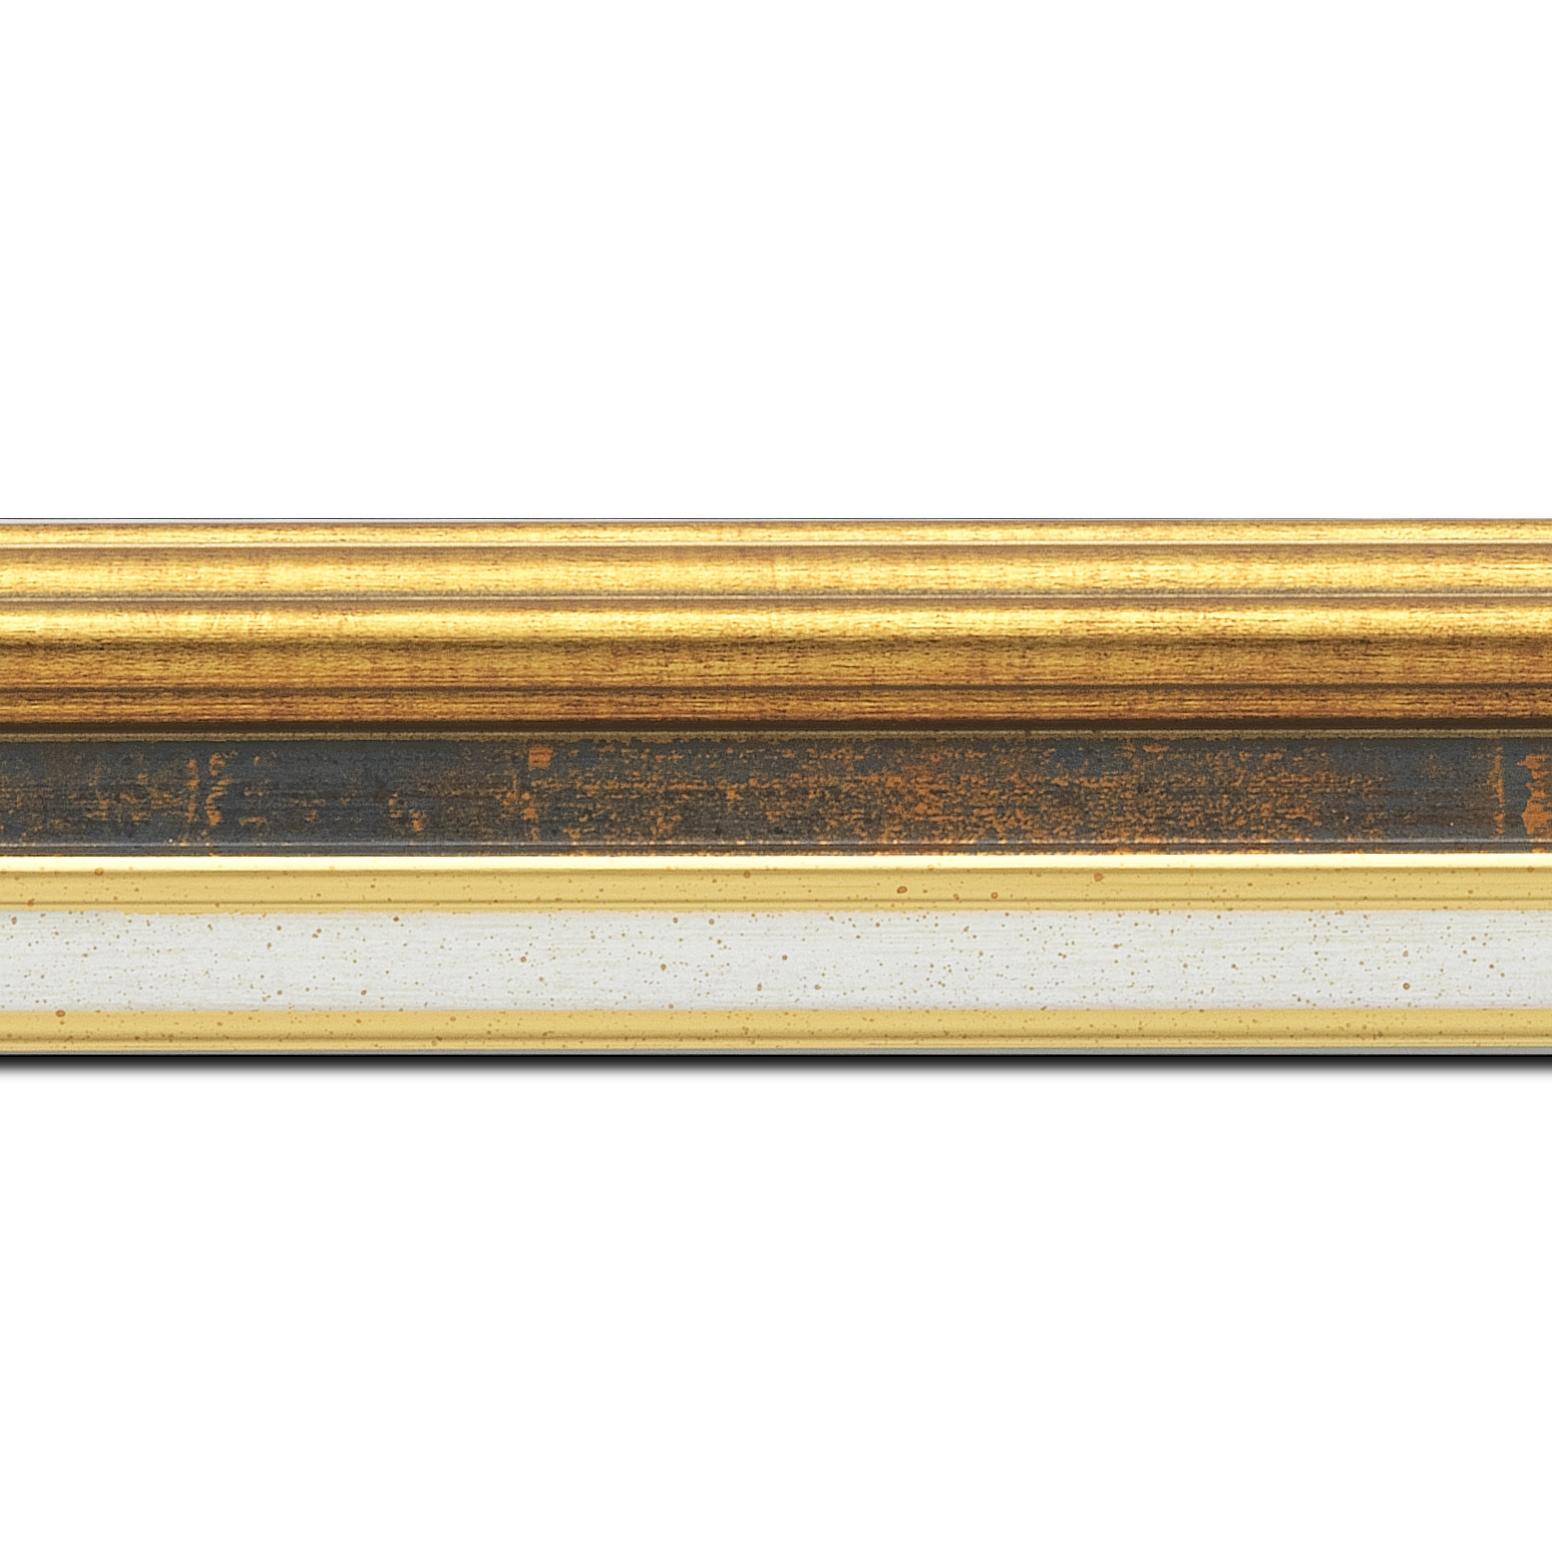 Baguette longueur 1.40m bois largeur 5.2cm or gorge bleu fond or marie louise crème filet or intégrée